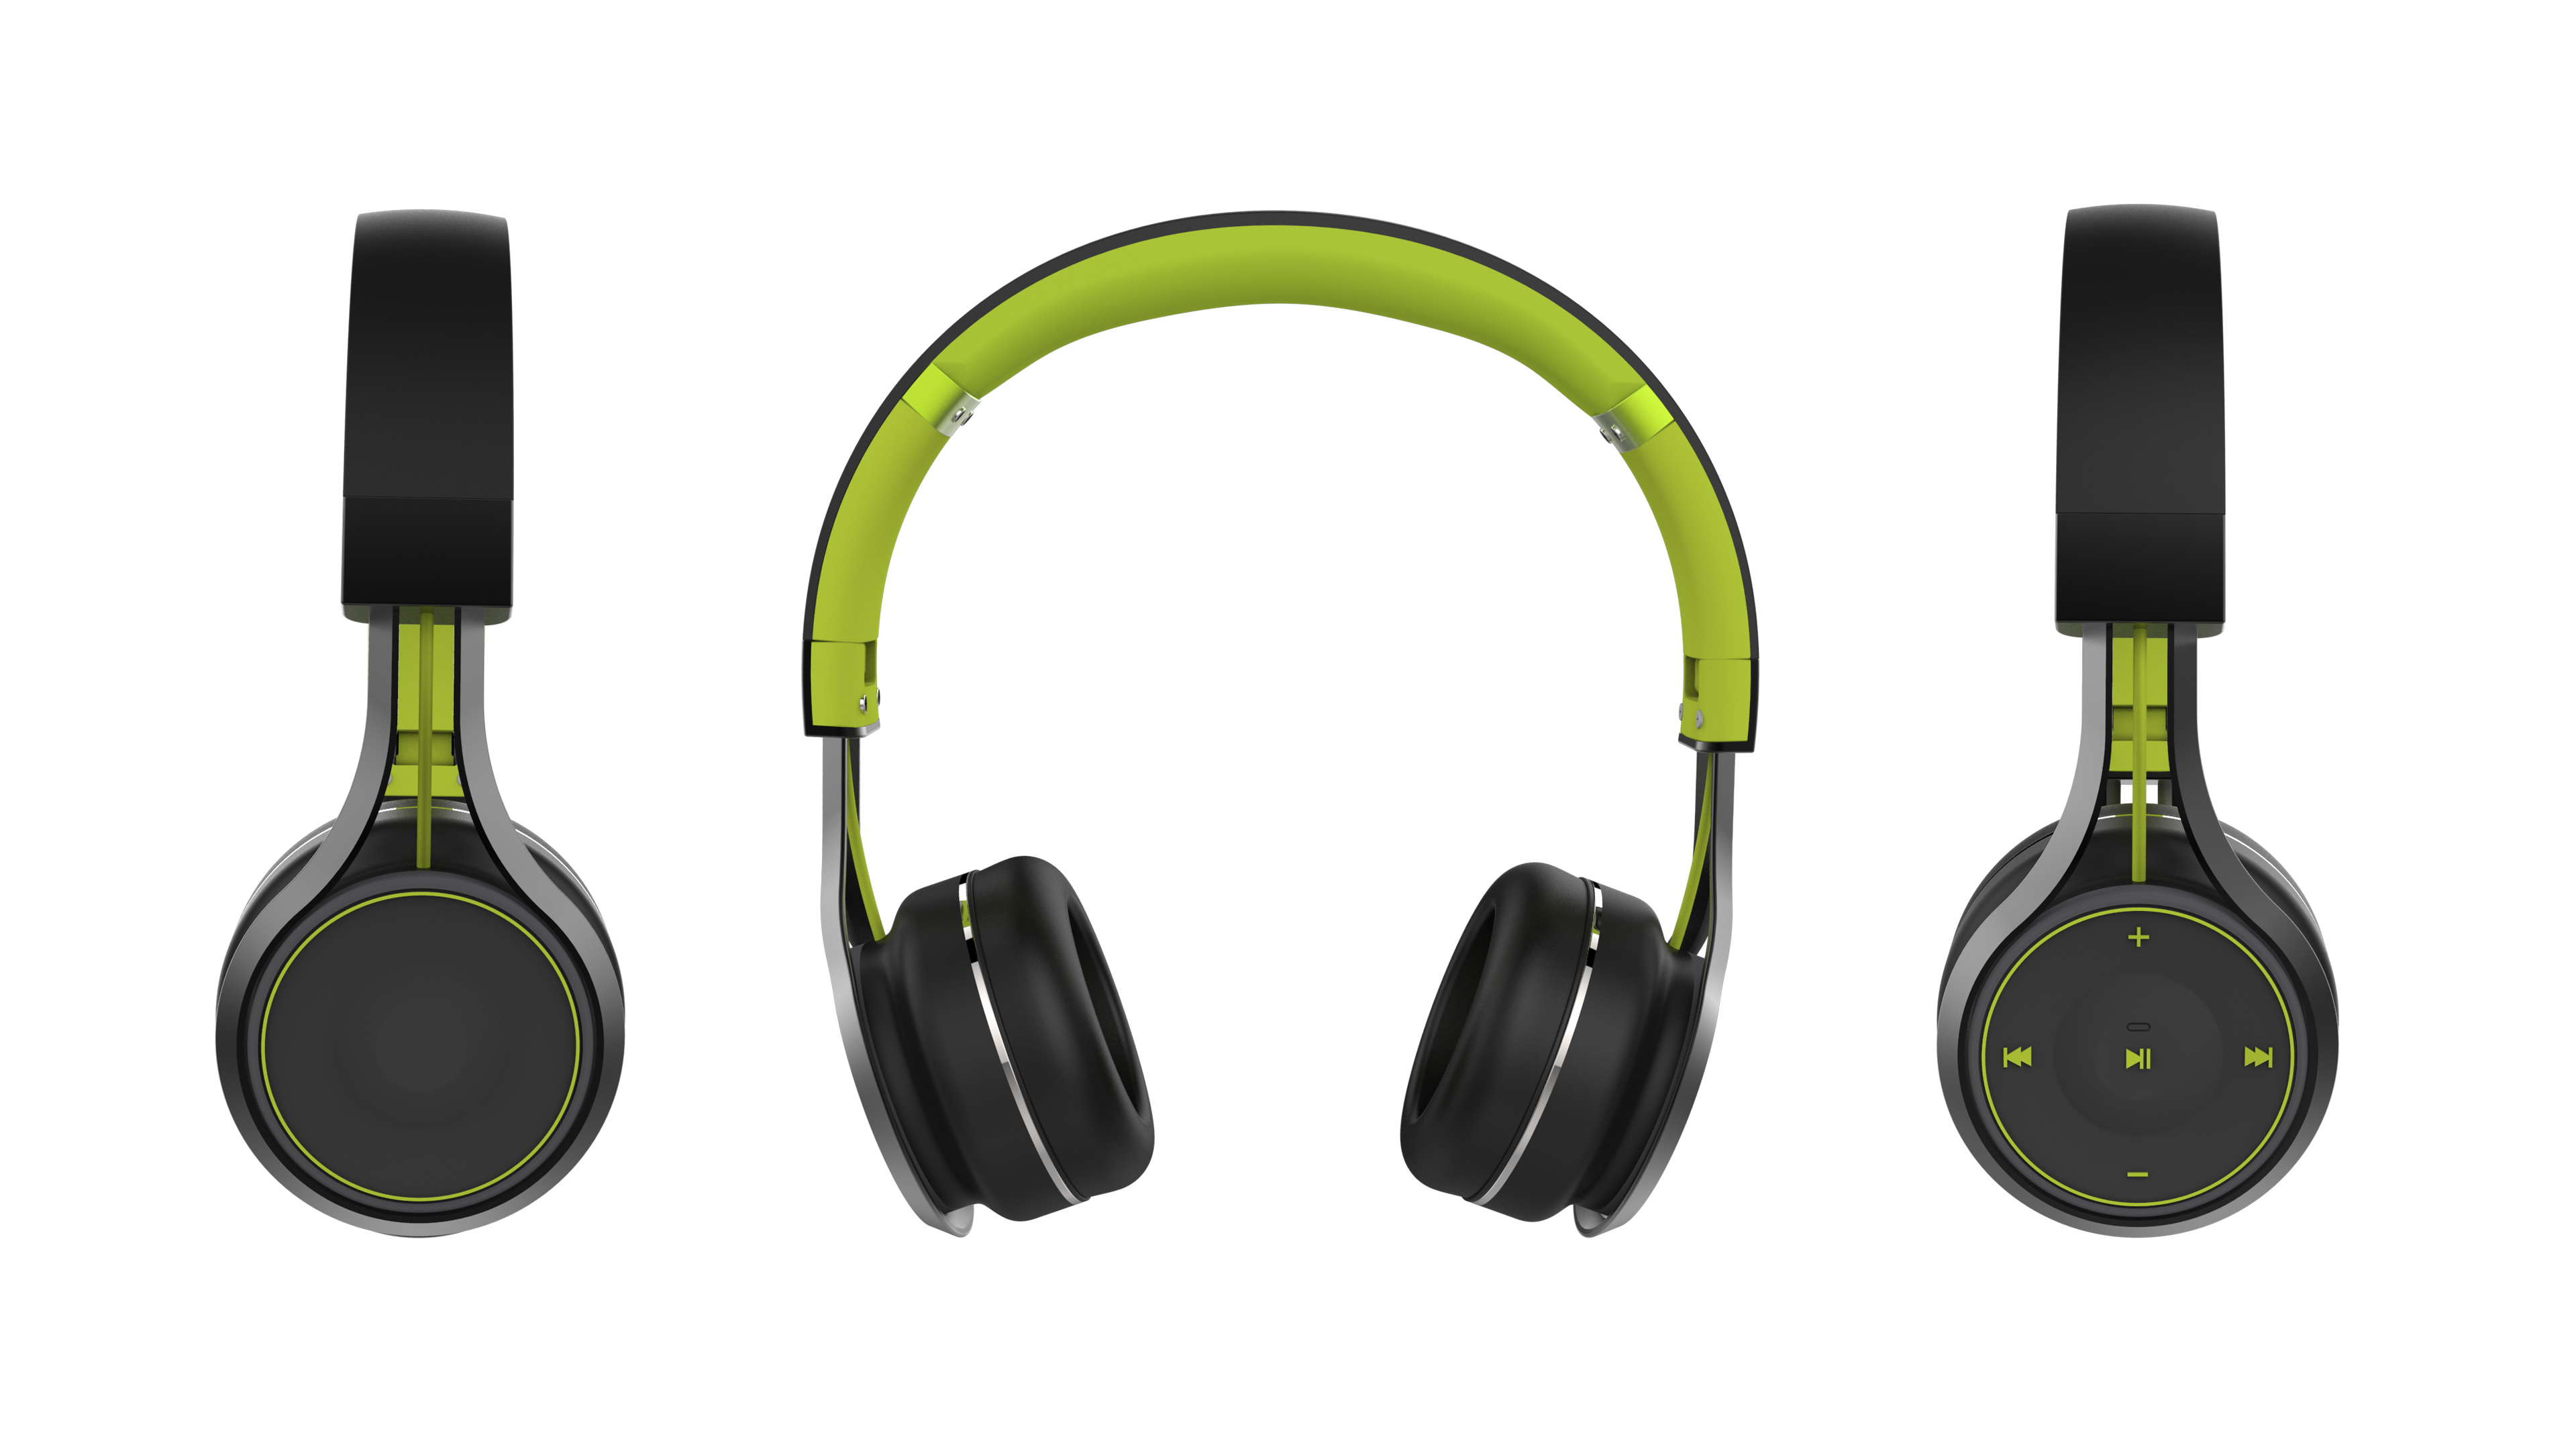 f6-mini Green+black